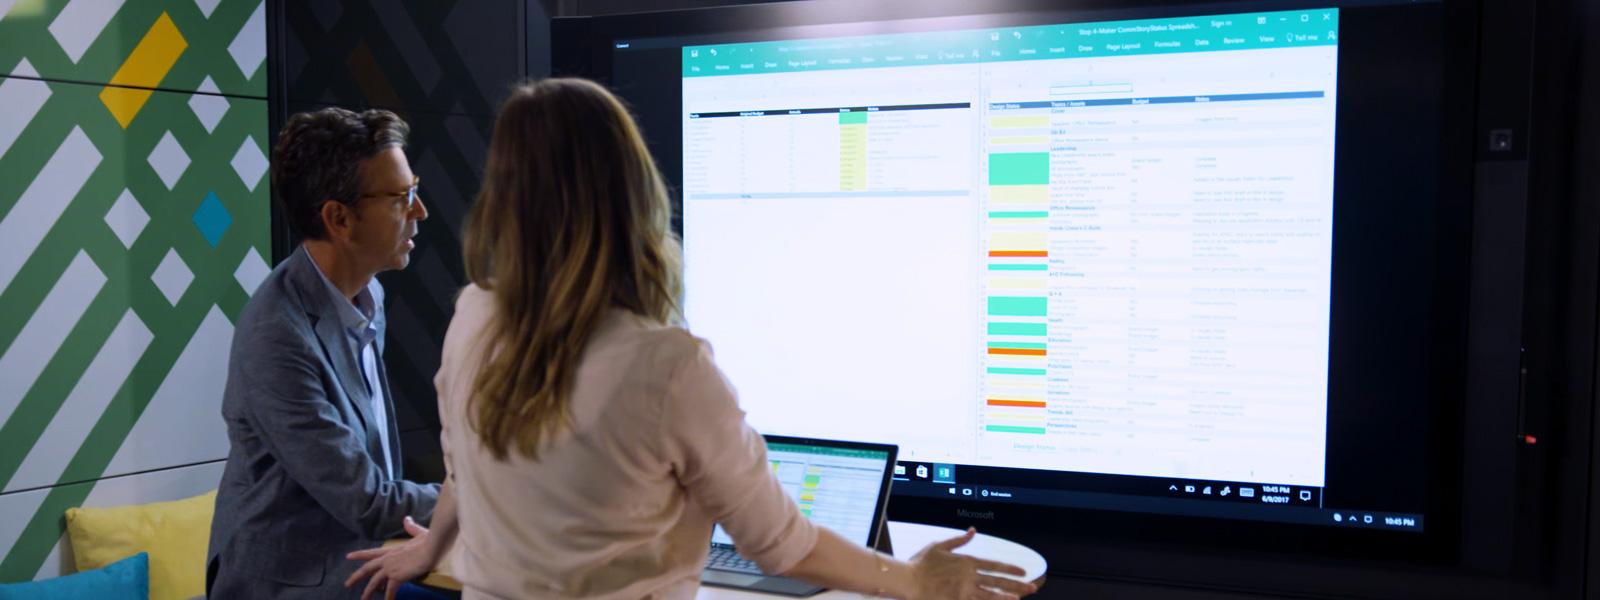 Uno dei 5 spazi Steelcase progettati per l'operatività con i dispositivi Surface, con un uomo e una donna che utilizzano Surface Hub.